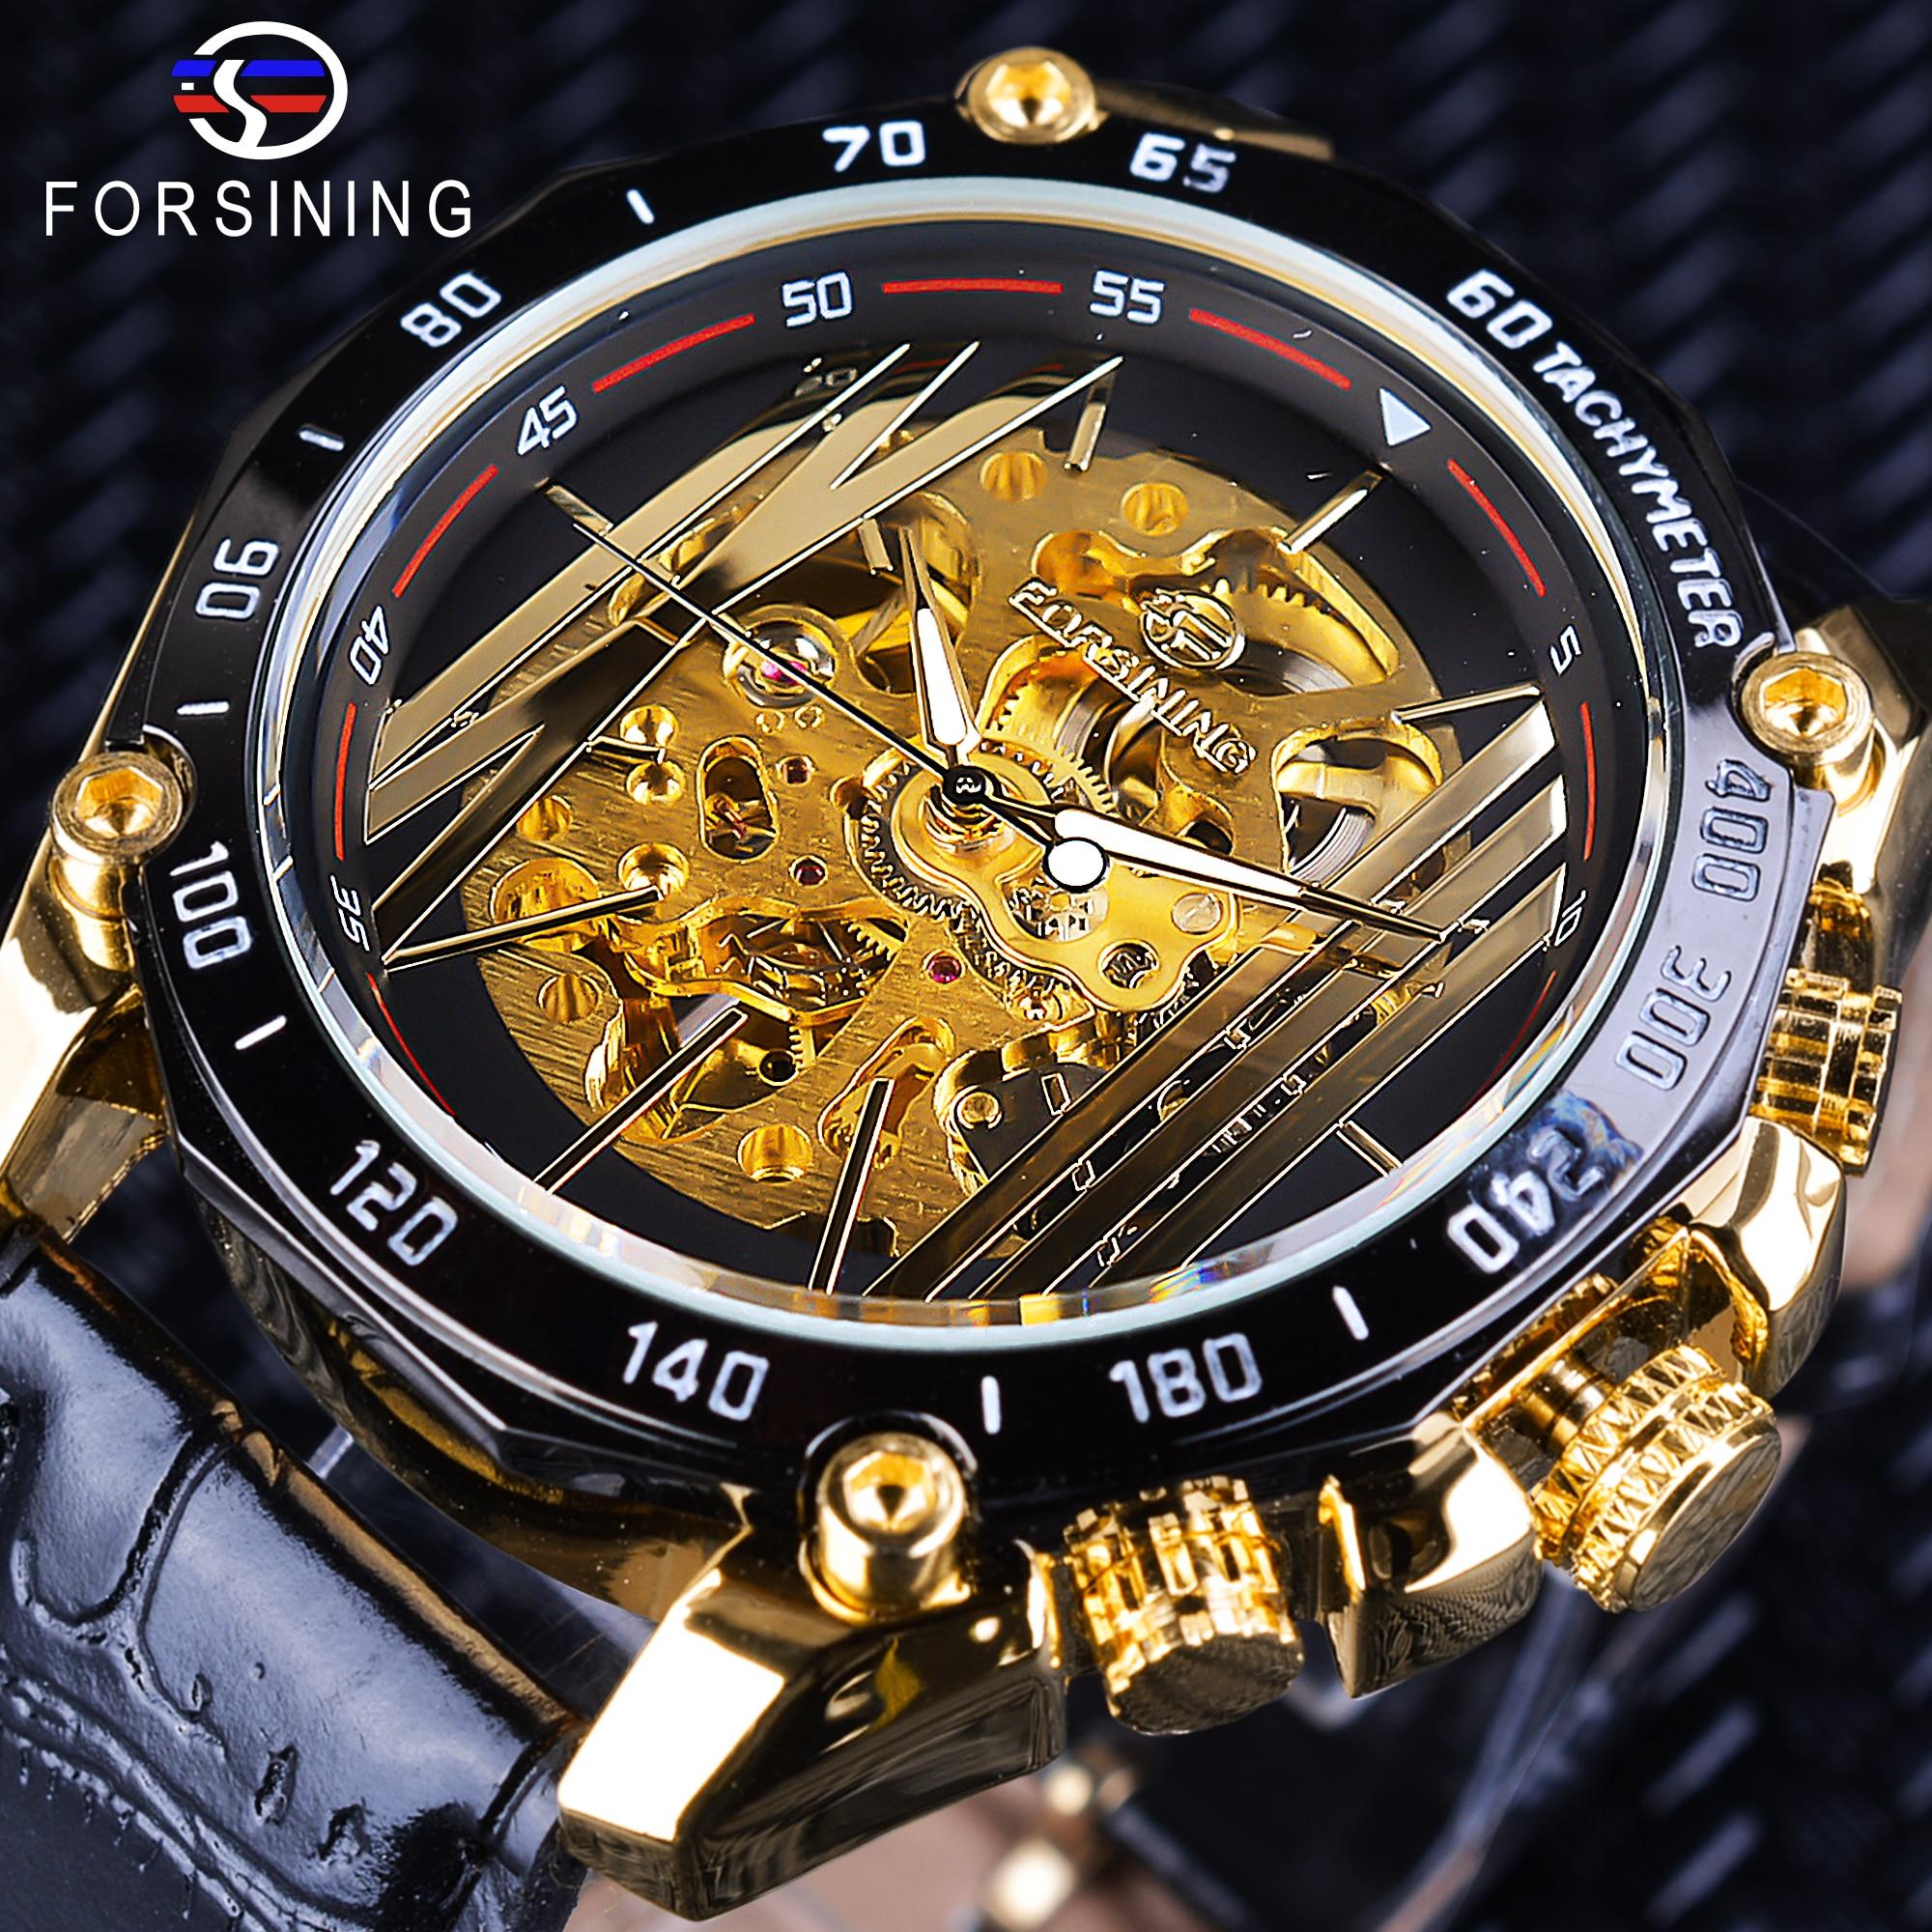 Forsining Big Dial Homens Movimento do relógio de Design de Luxo de Ouro Steampunk Engrenagem Criativa A Céu Aberto Relógios Automáticos Mecânicos Relógios de Pulso